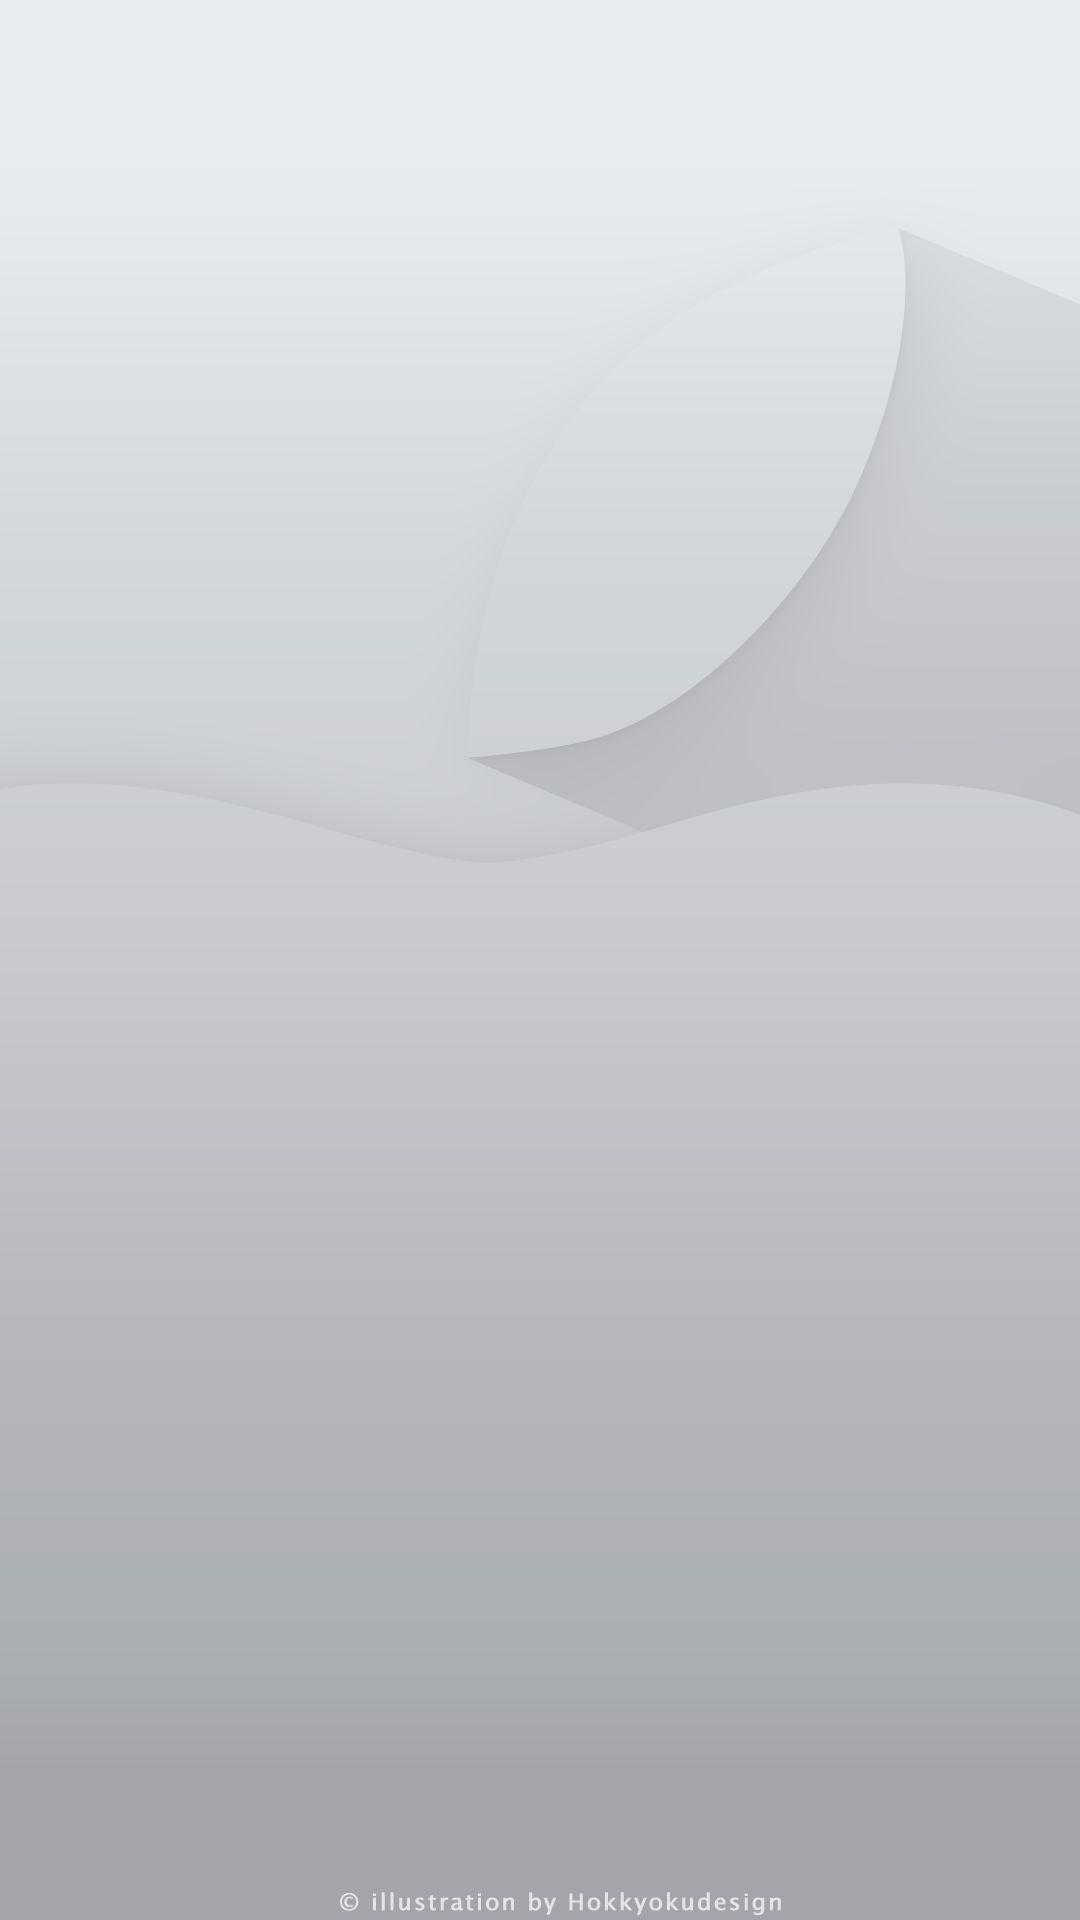 White iOS 7 wallpaper